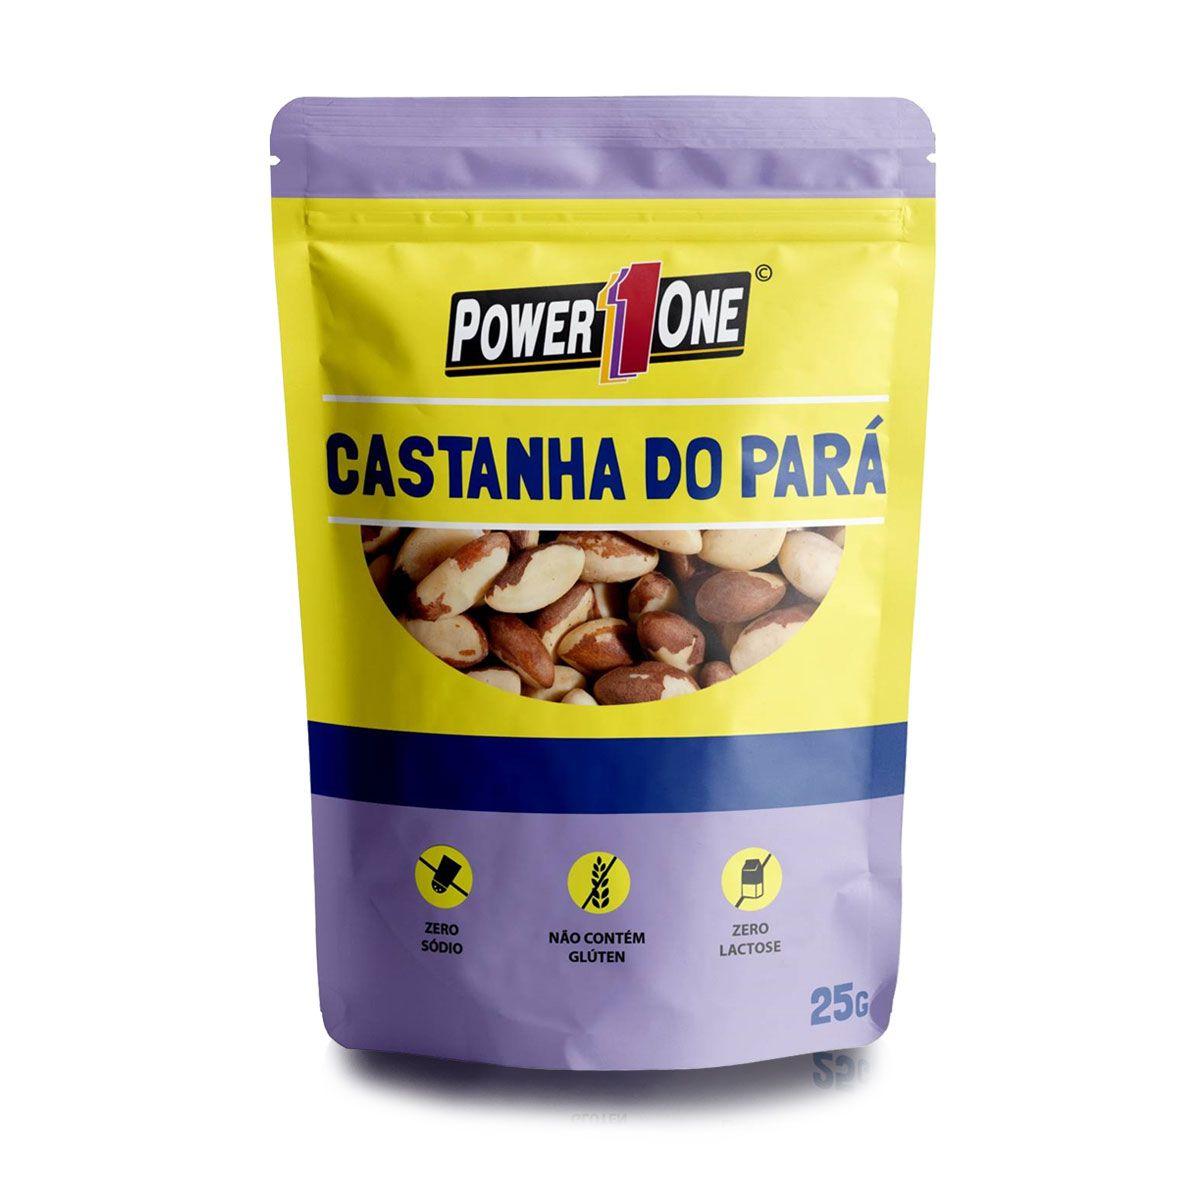 Nuts Castanha do Pará (25g) - Power1One